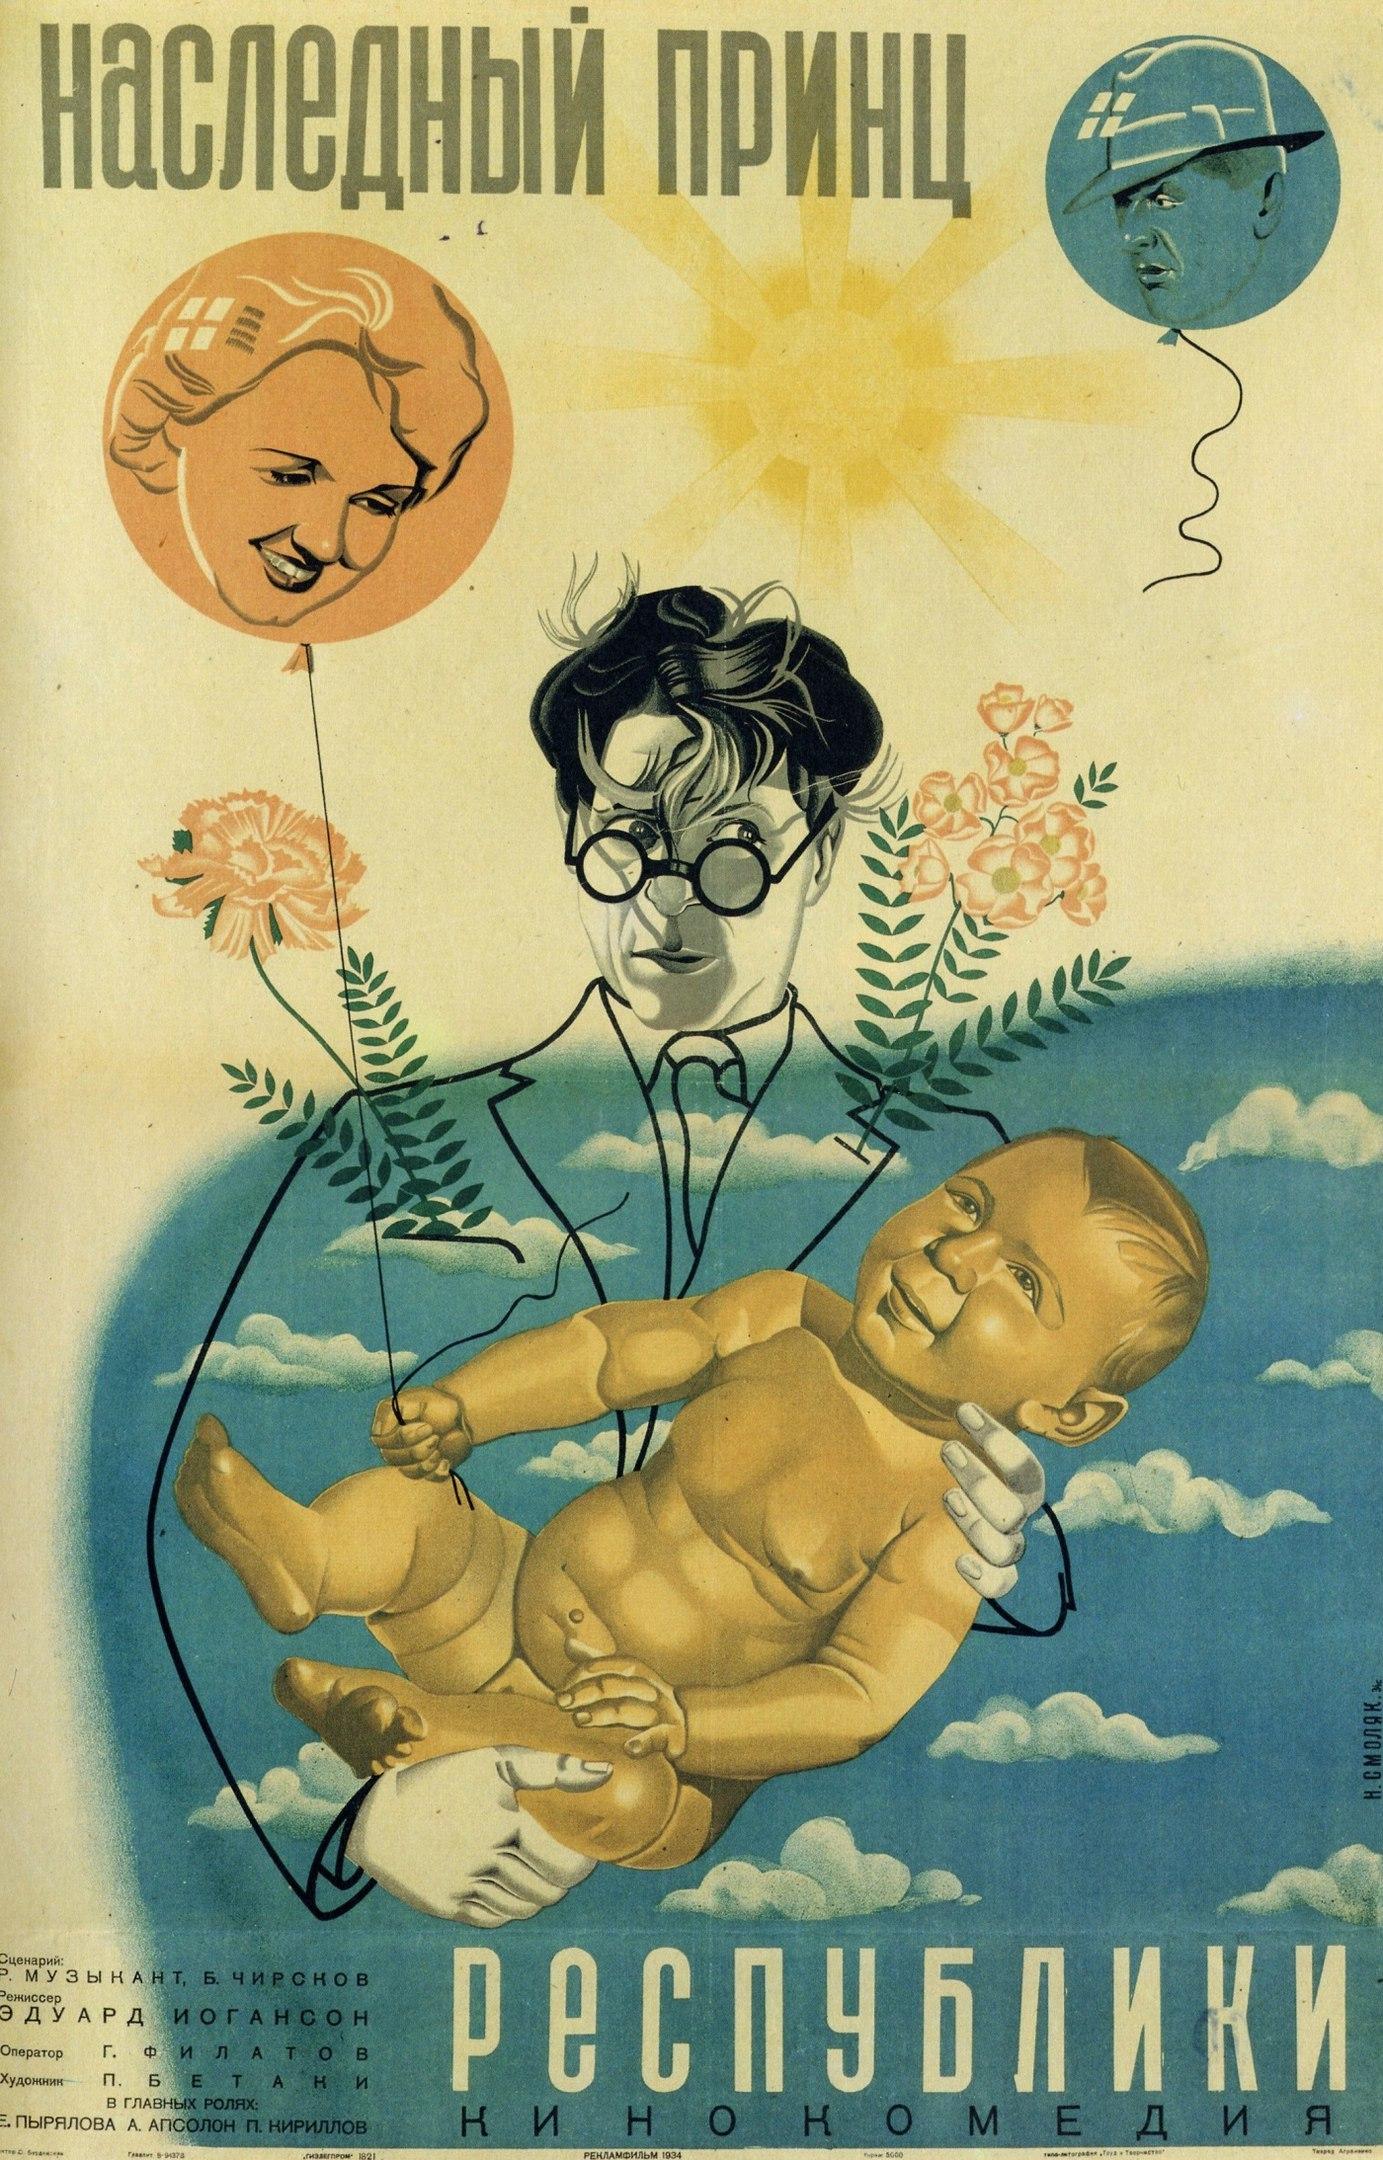 Старинные Звездные врата плакат //// классический плакат фильма //// плакат фильма //// плакат перепечатка //// HOM